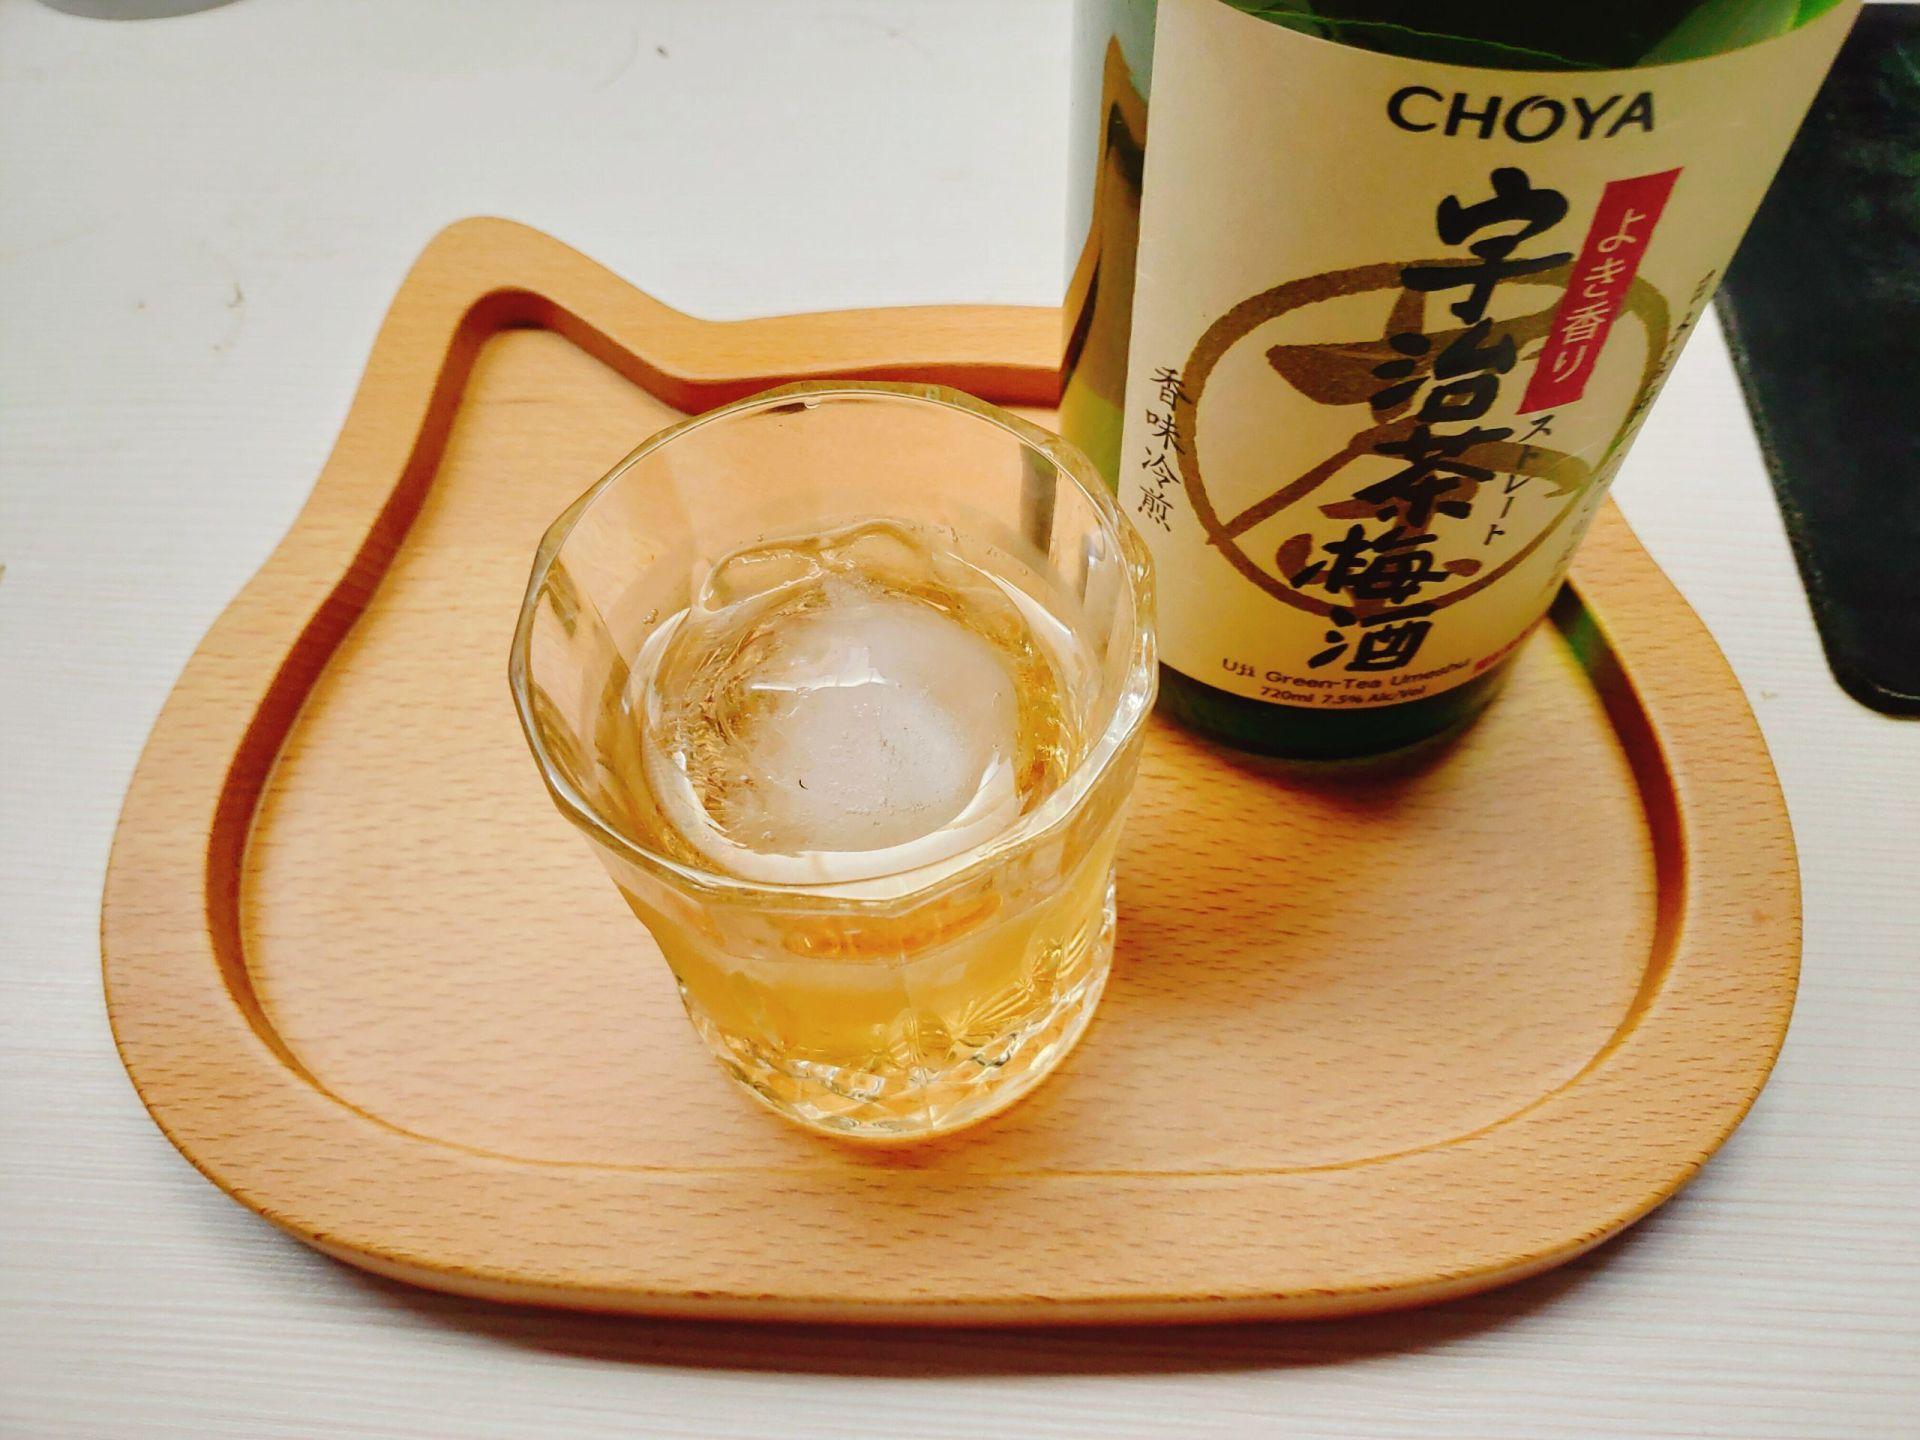 蝶矢宇治茶梅酒